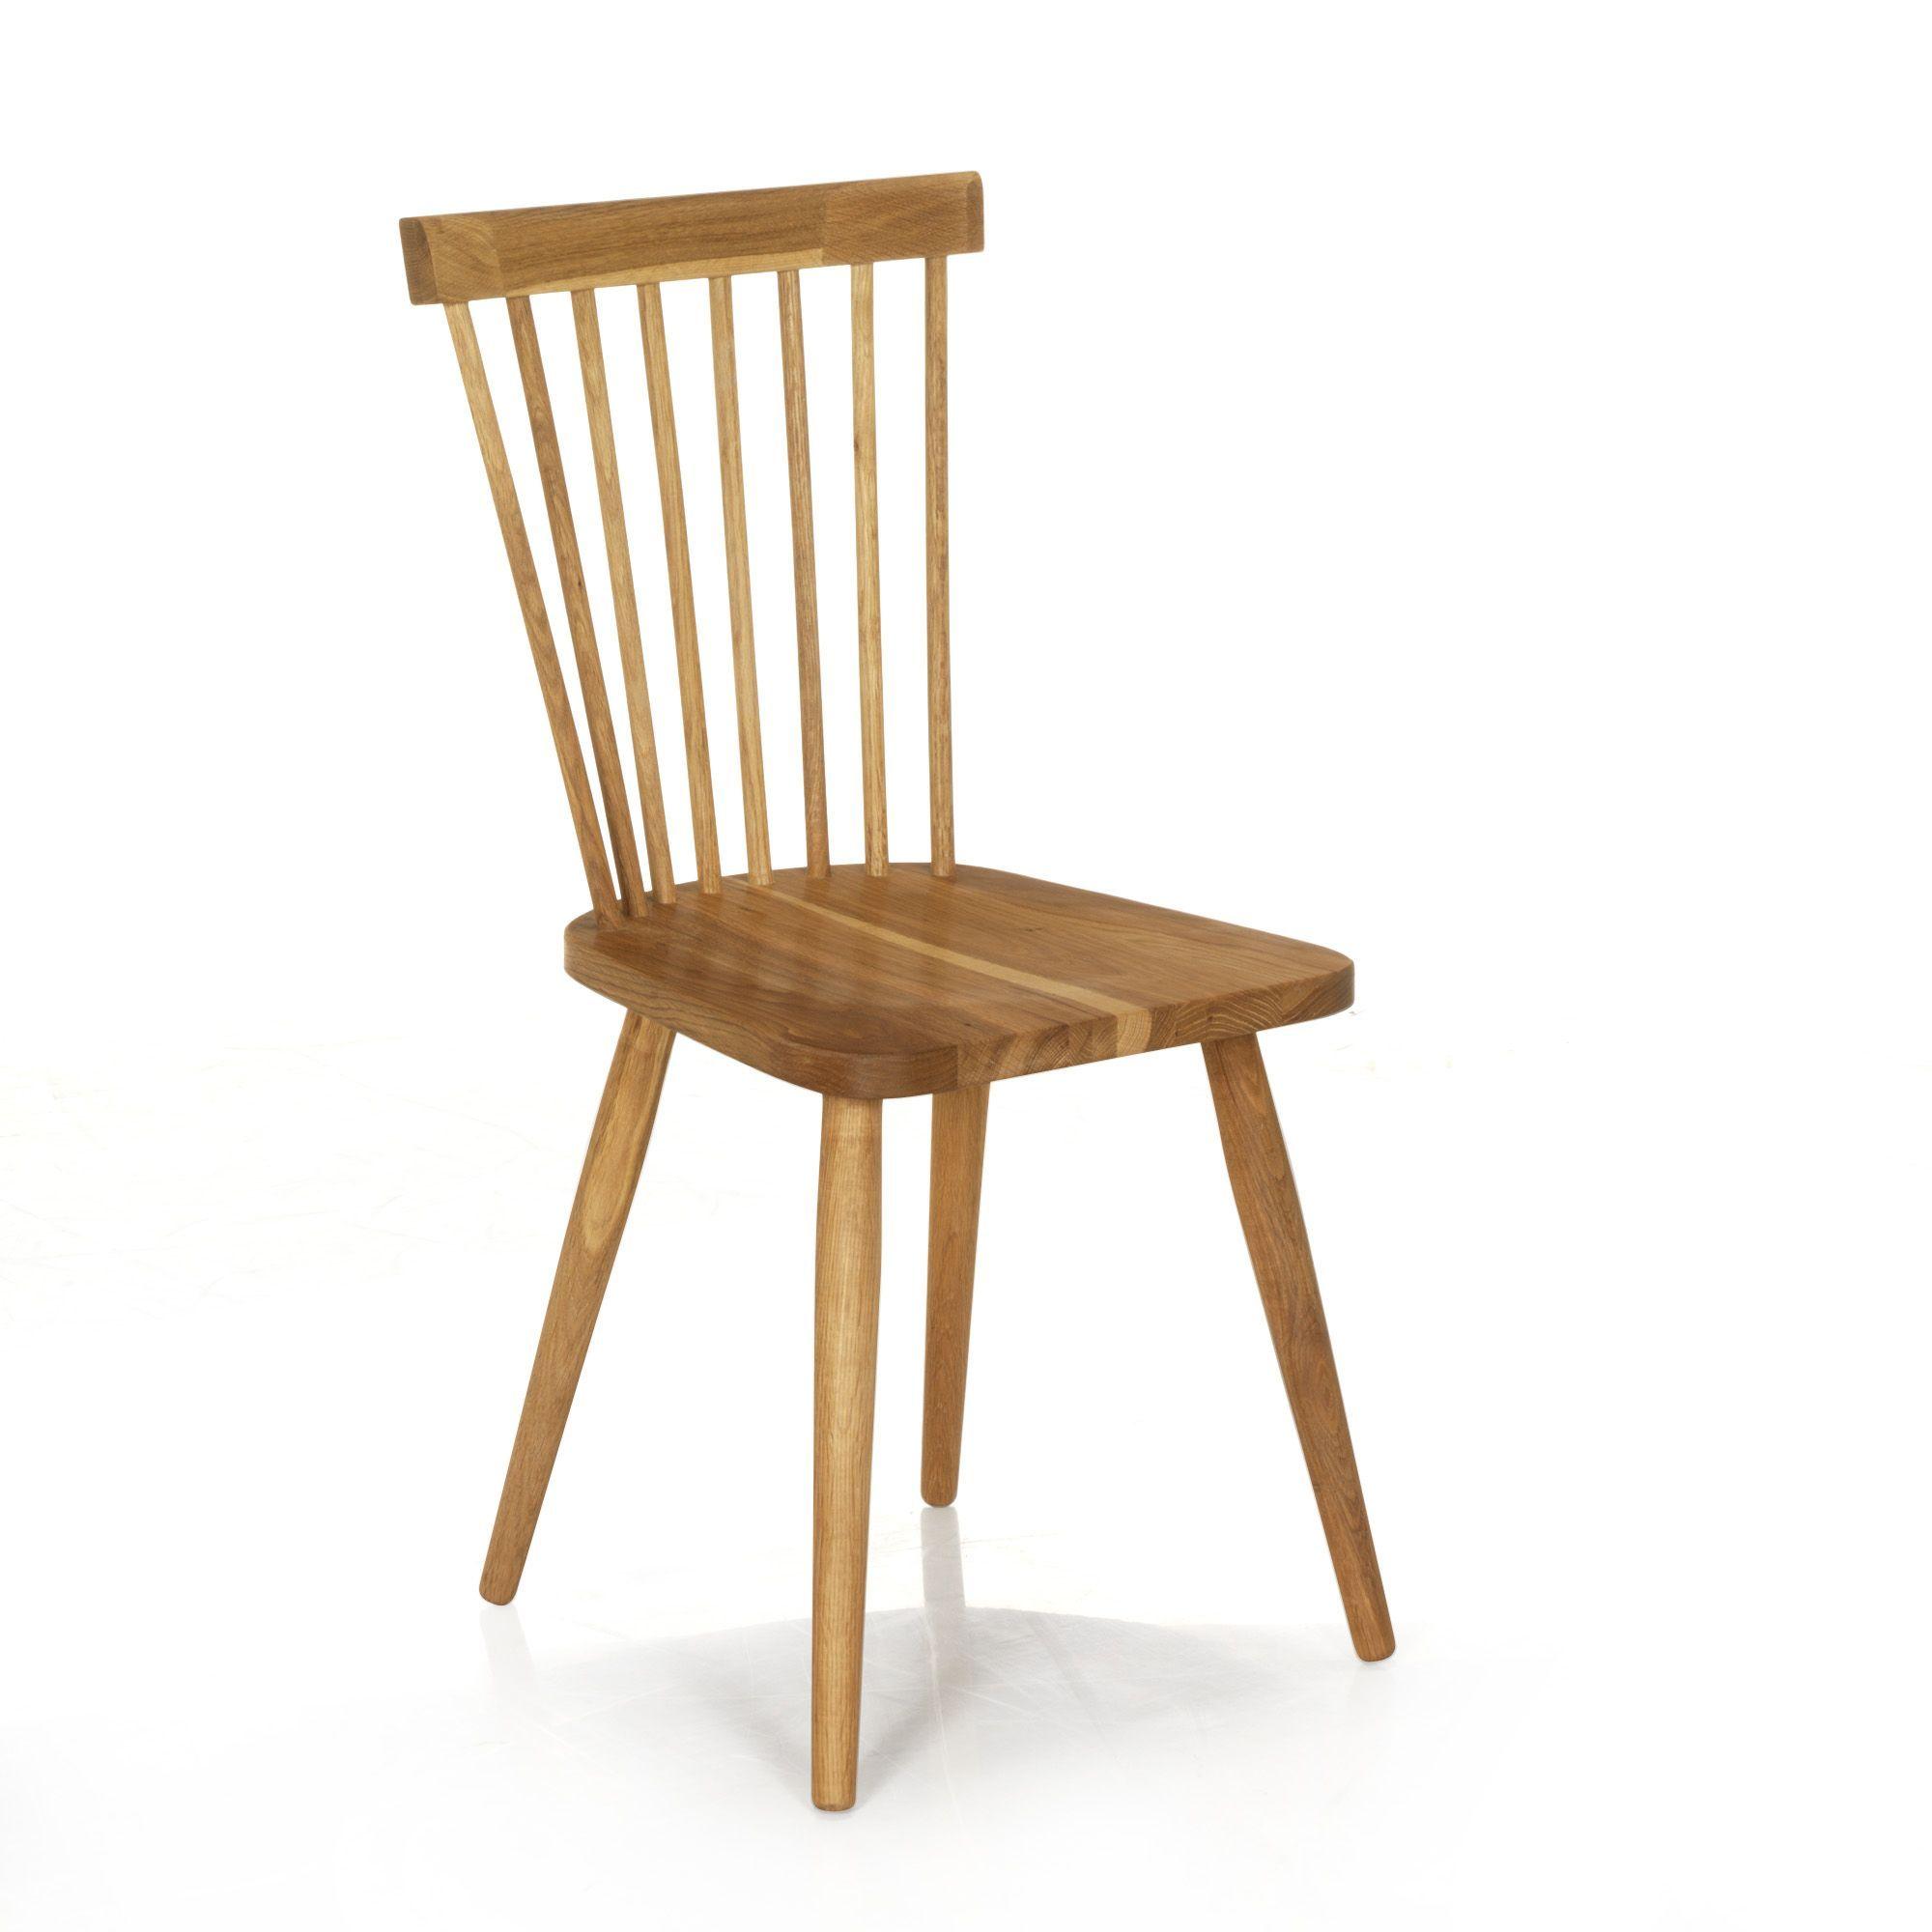 Chaise Vintage Naturelle Cleo ChaisesTables ChaisesSalon - Alinea chaises de cuisine pour idees de deco de cuisine